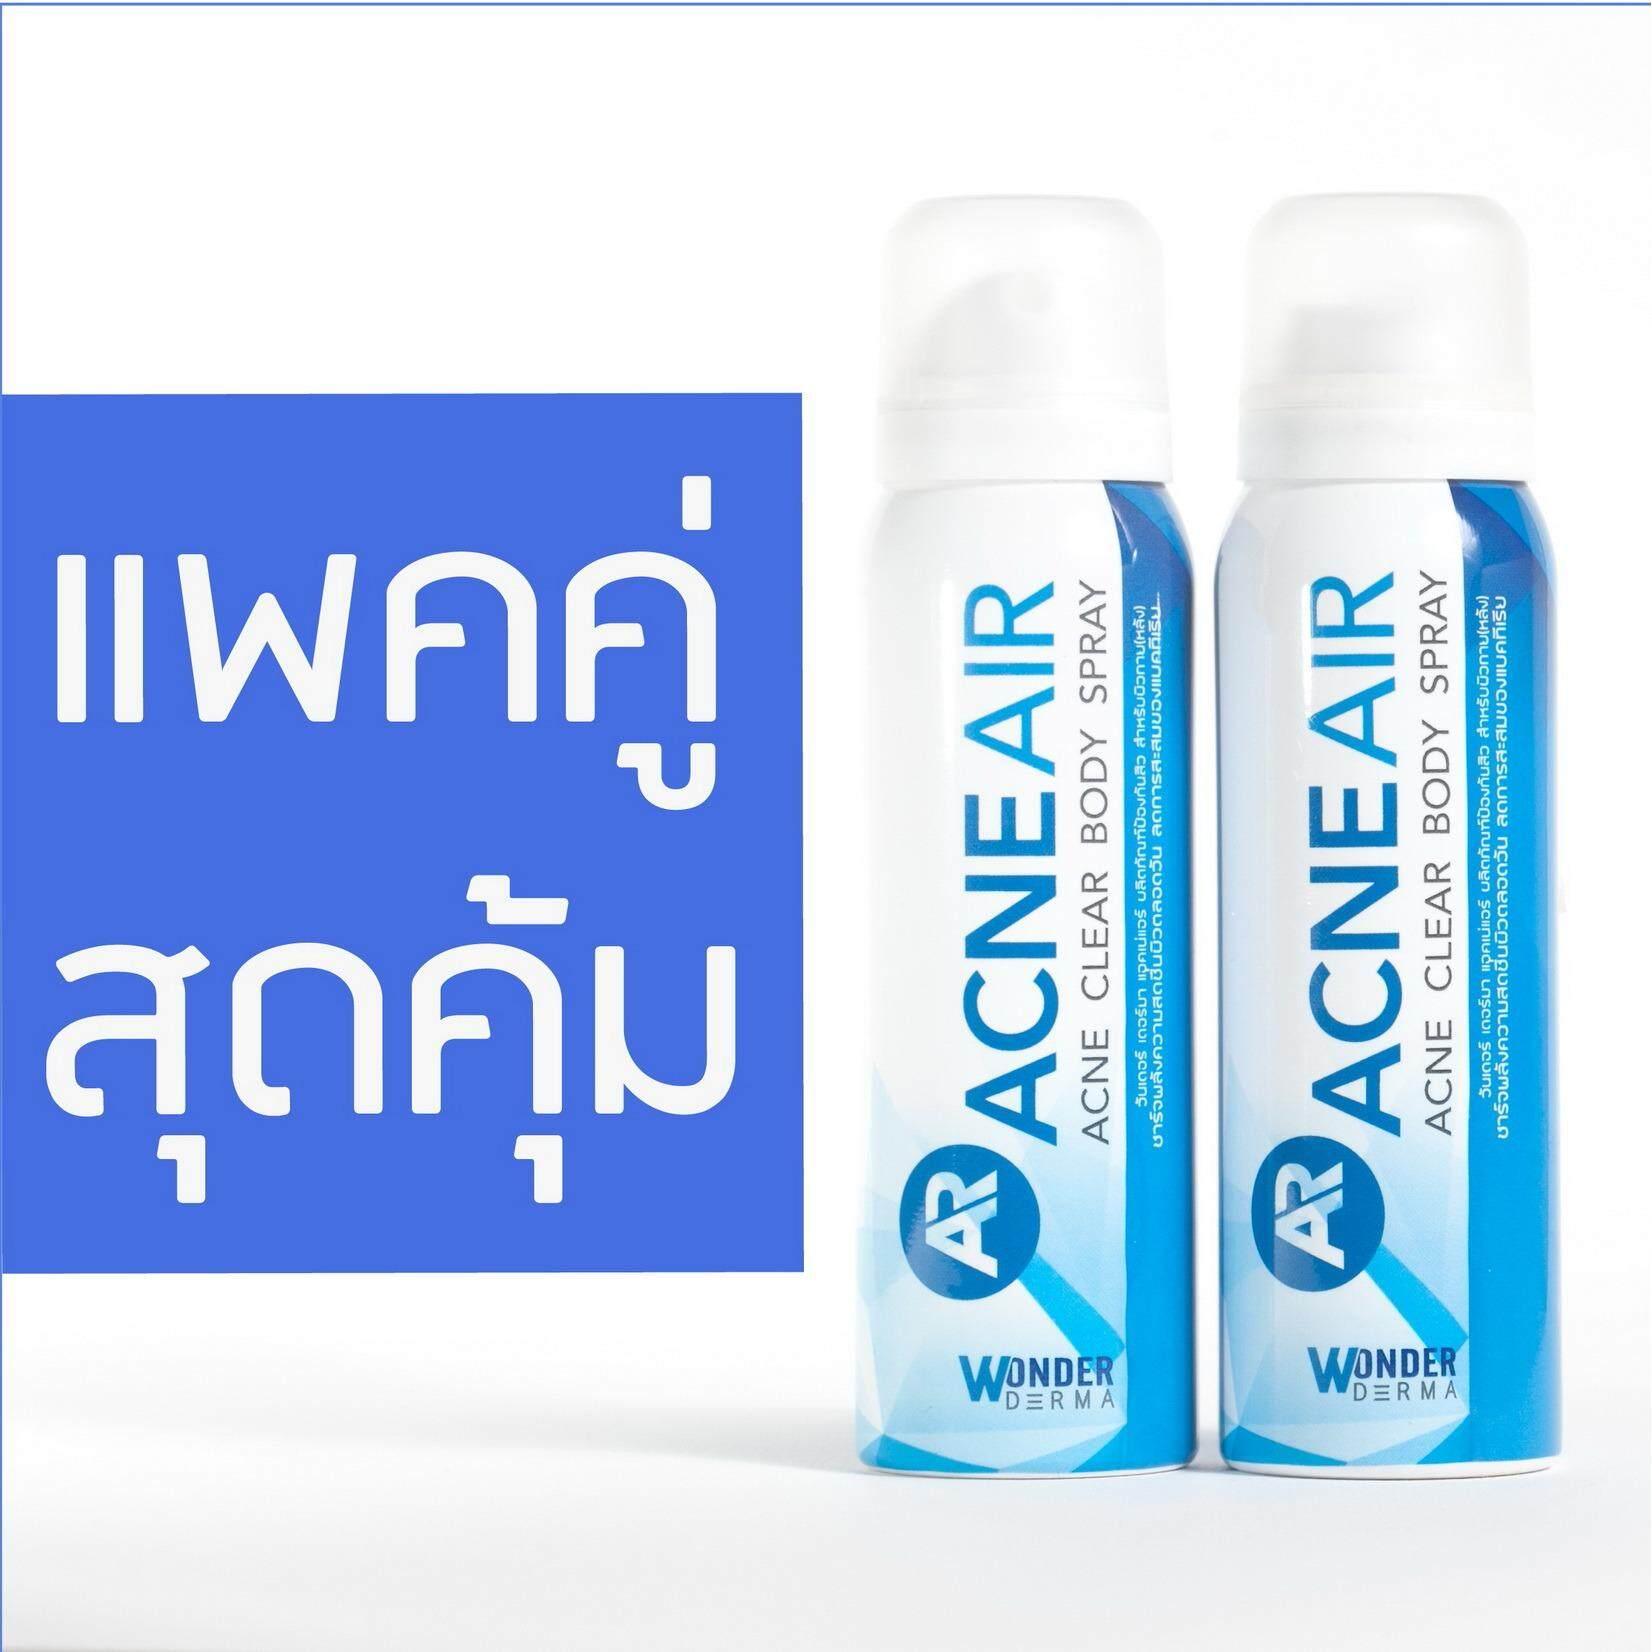 Acne Air แพคคู่ สุดคุ้ม (2 กระป๋อง) - สเปรย์รักษาสิวบนผิวกาย